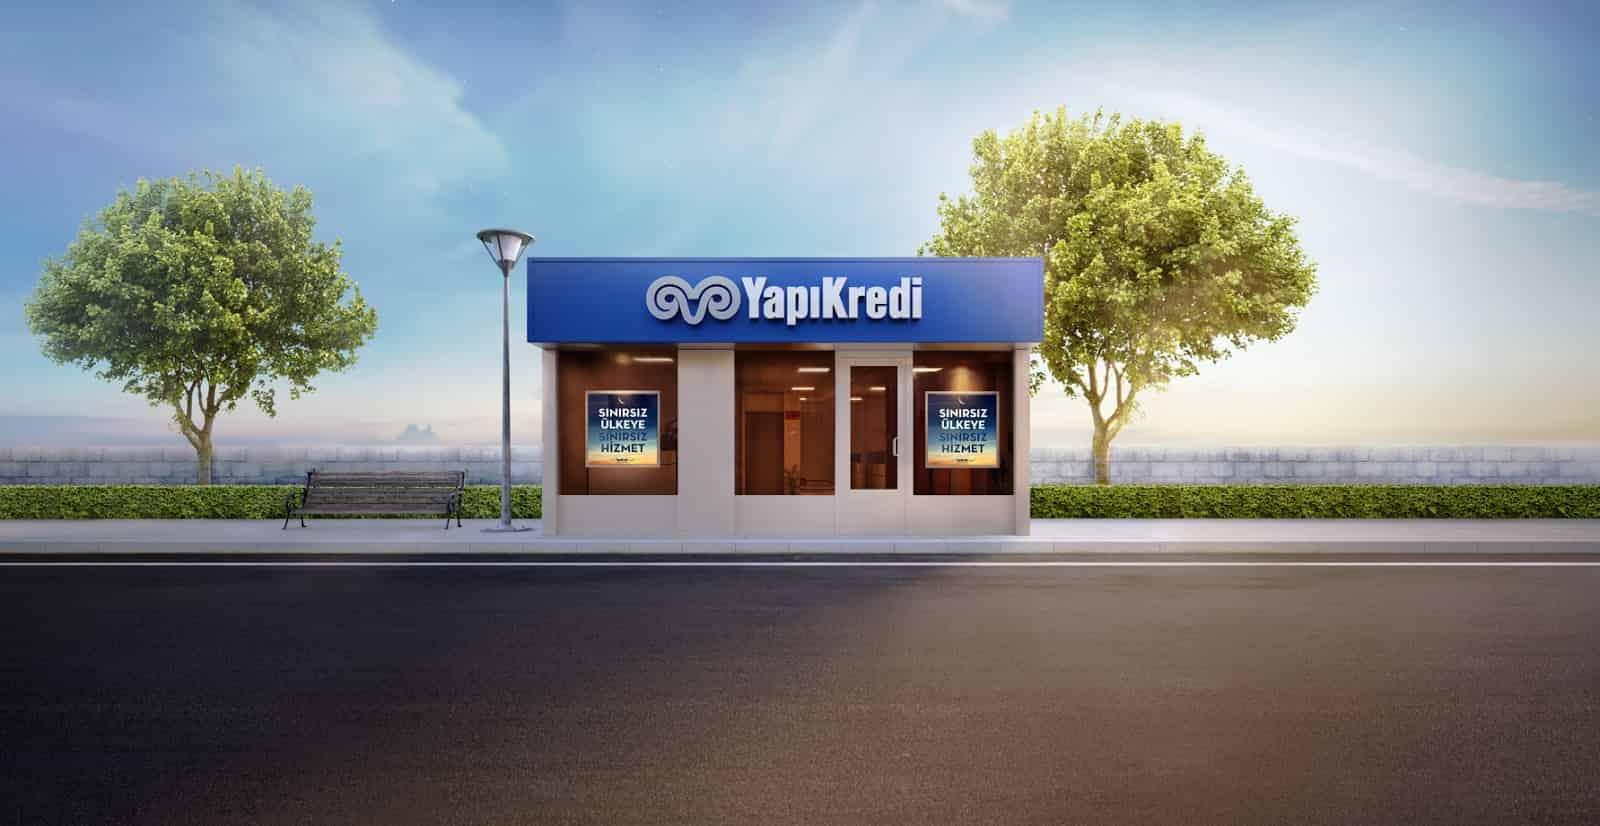 Yapı ve Kredi Bankası, Yapı ve Kredi İşe Alım Süreci, Örnek Mülakat Soruları ve Kariyer İmkanları